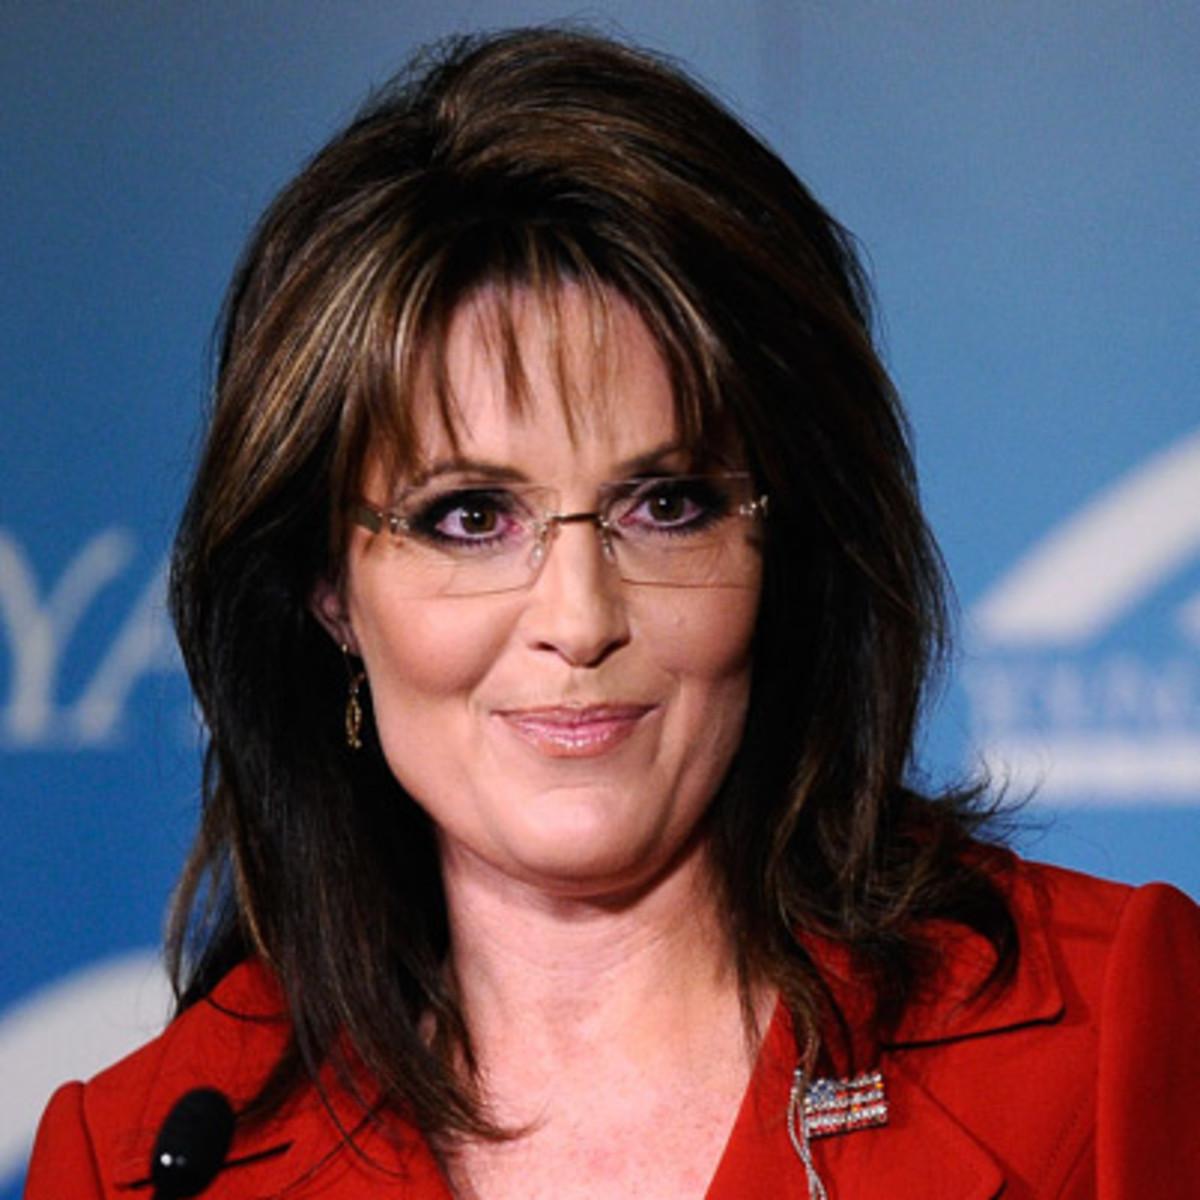 Sarah Palin, U.S. Governor